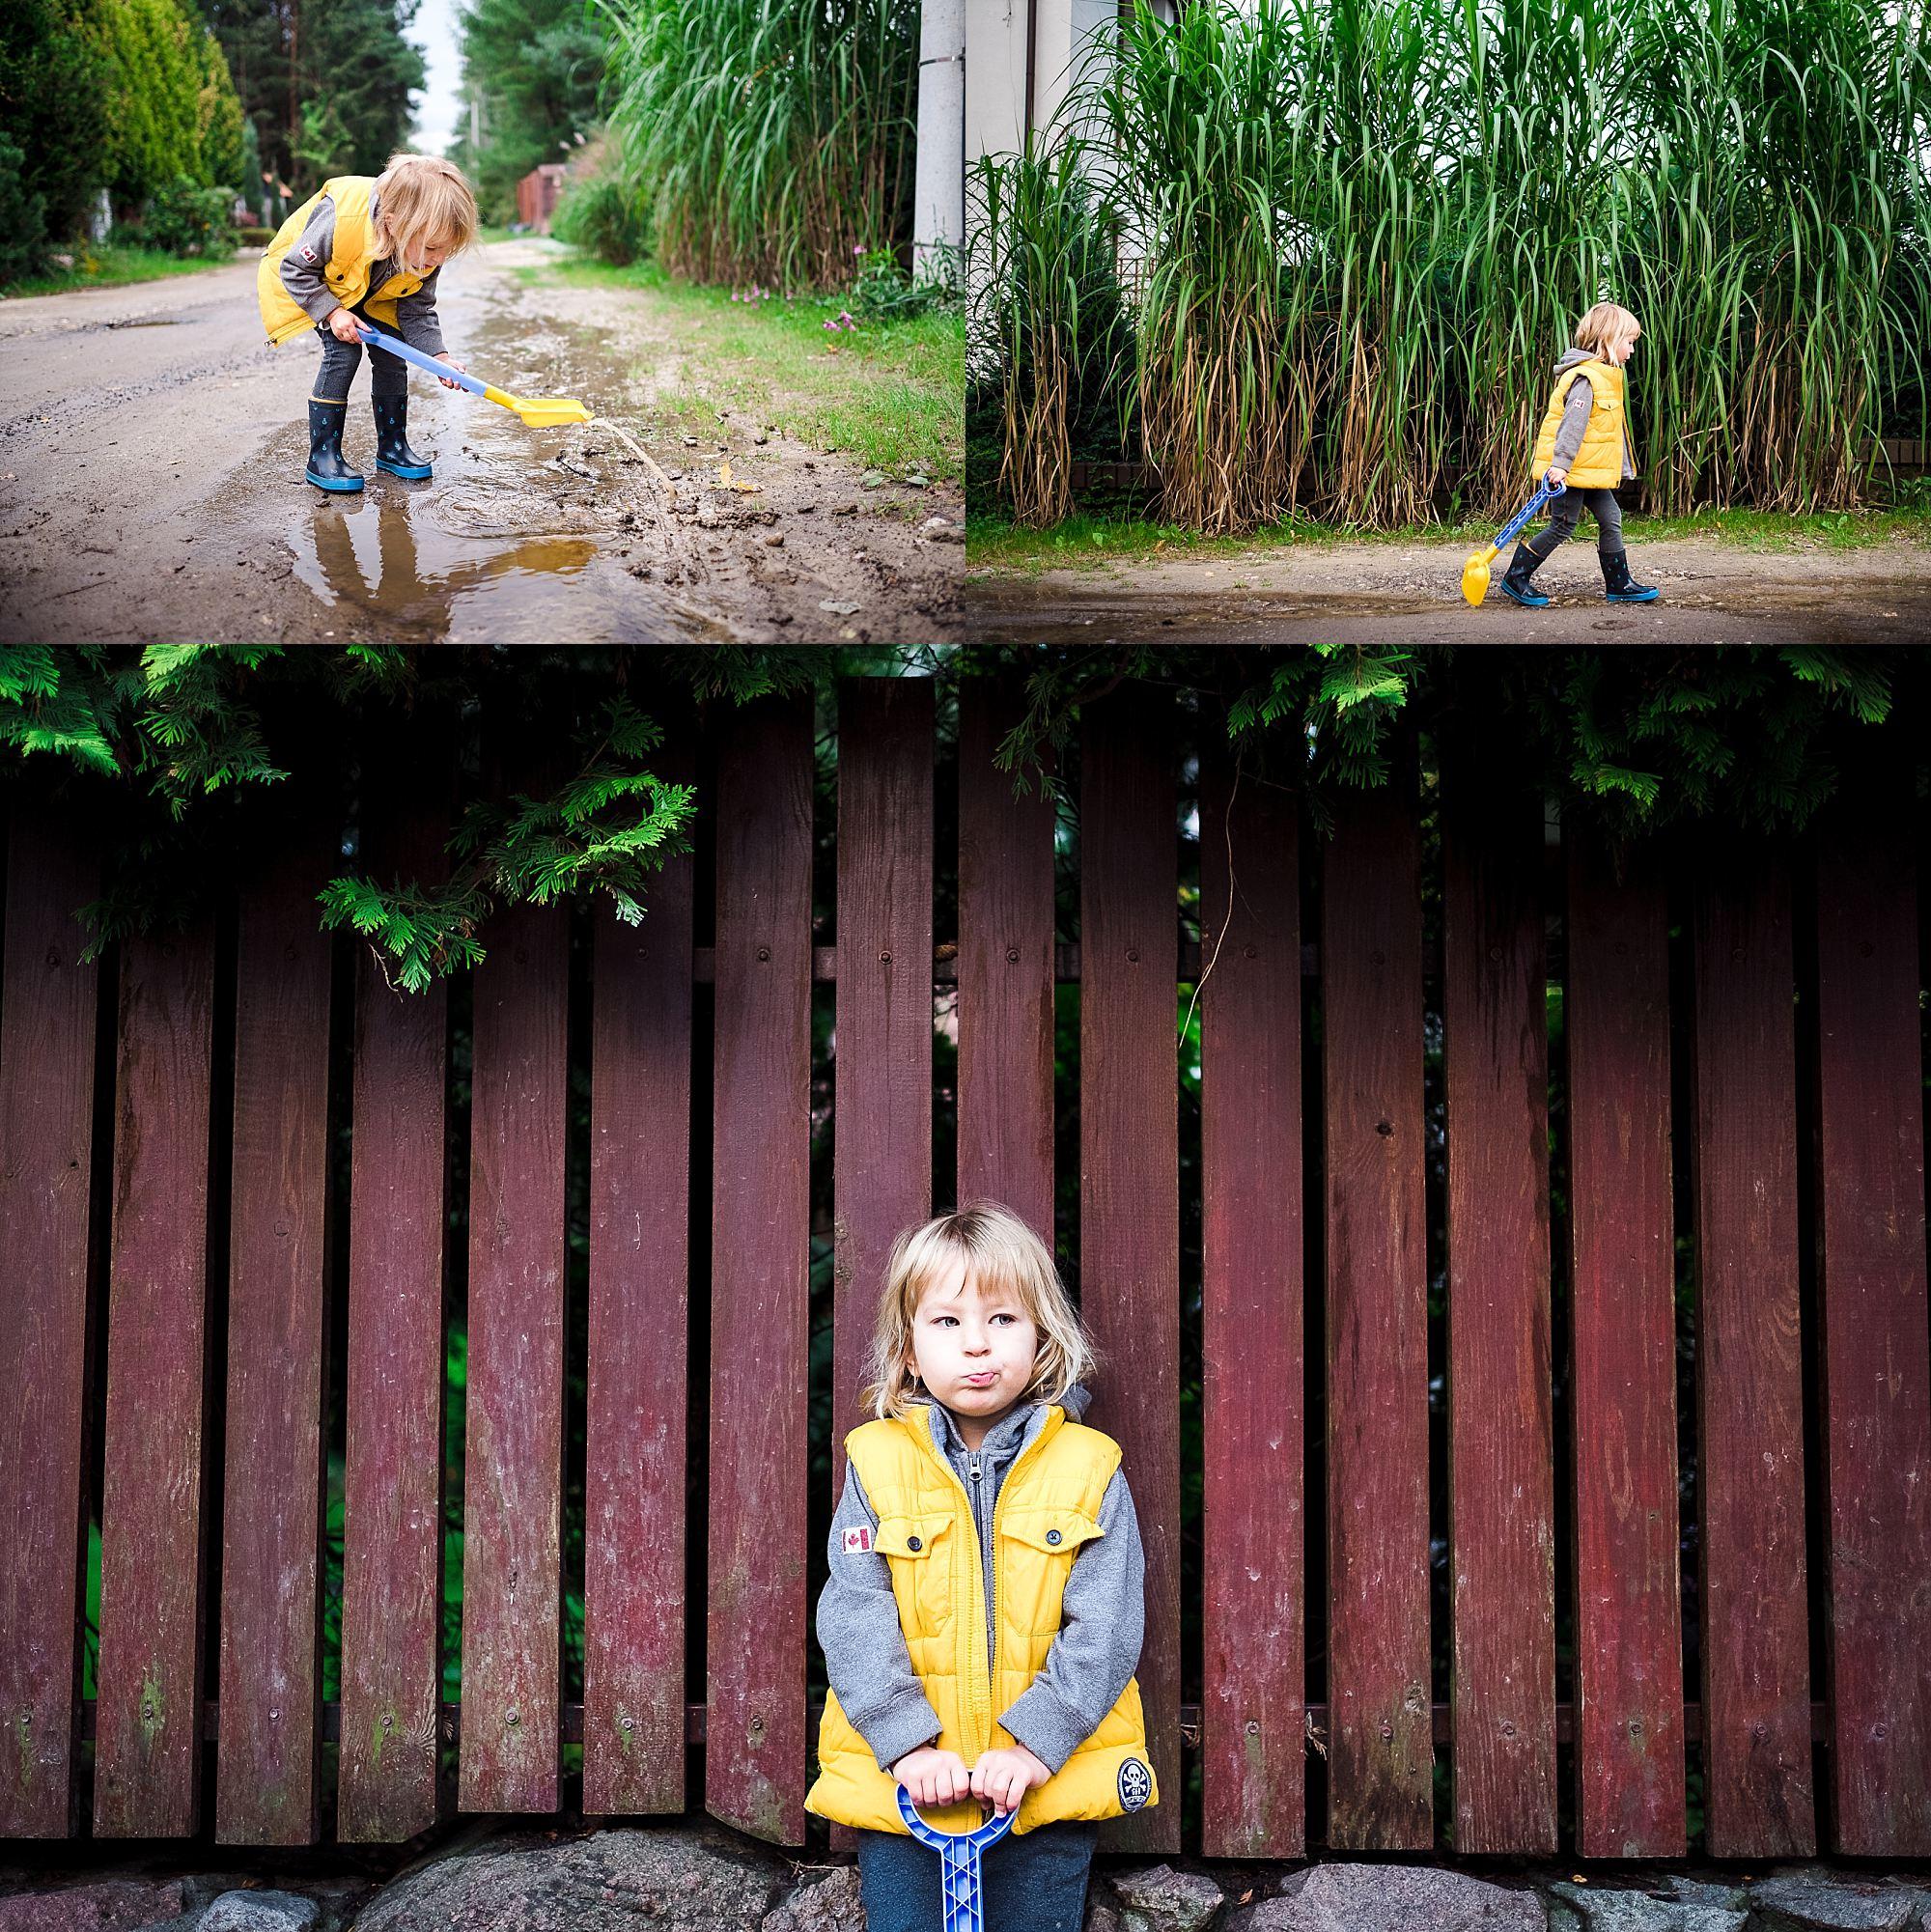 jesienne zdjęcia dziecka bawiącego się w błocie